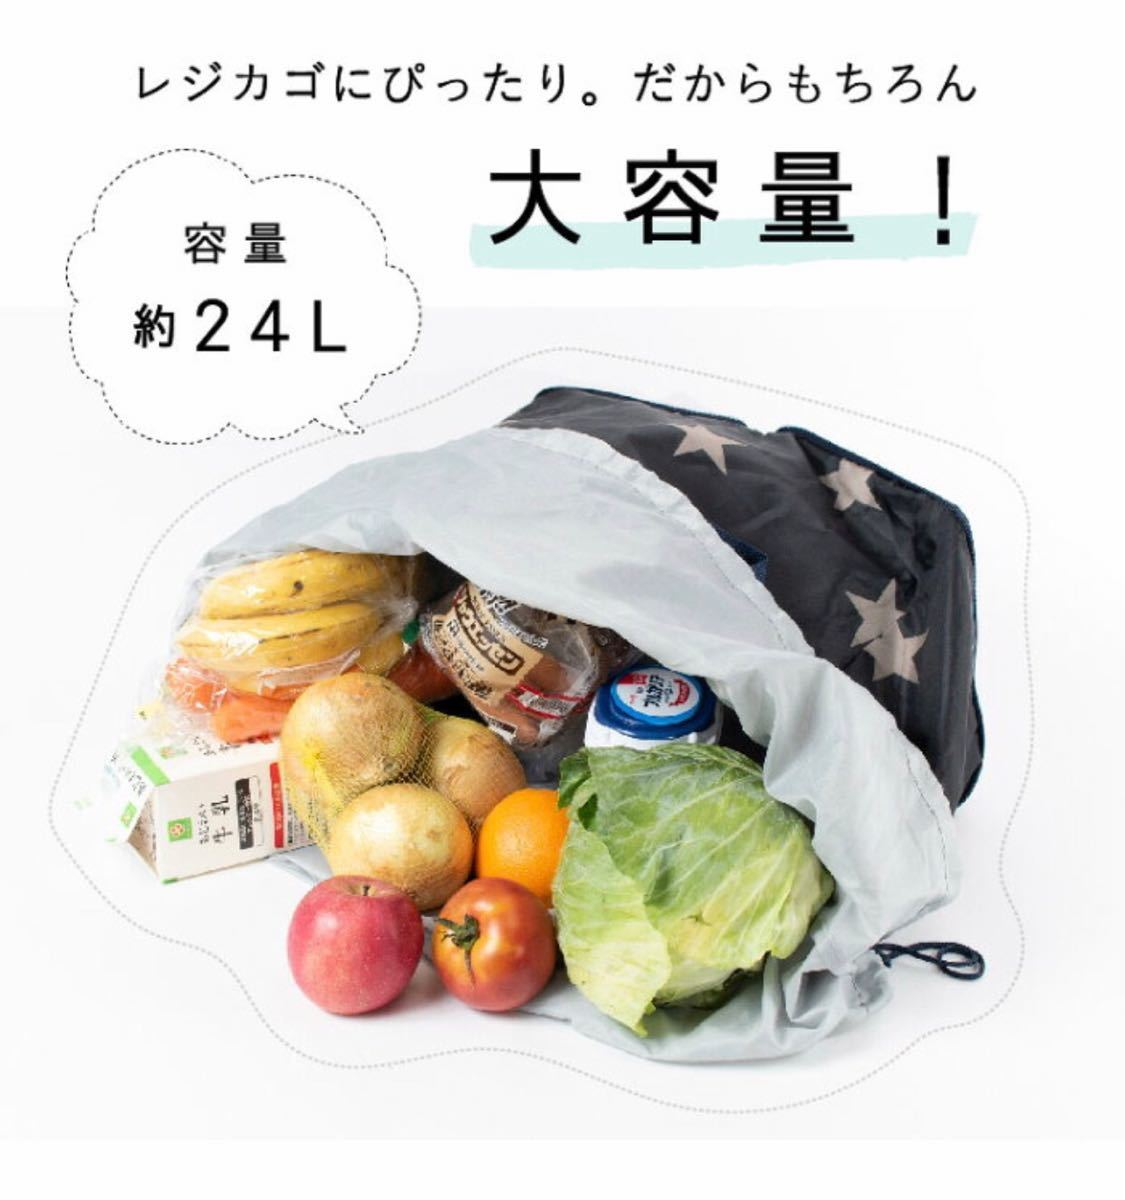 大容量保冷 保温レジかごバッグ折り畳みエコバッグレジカゴバッグ 在庫限り